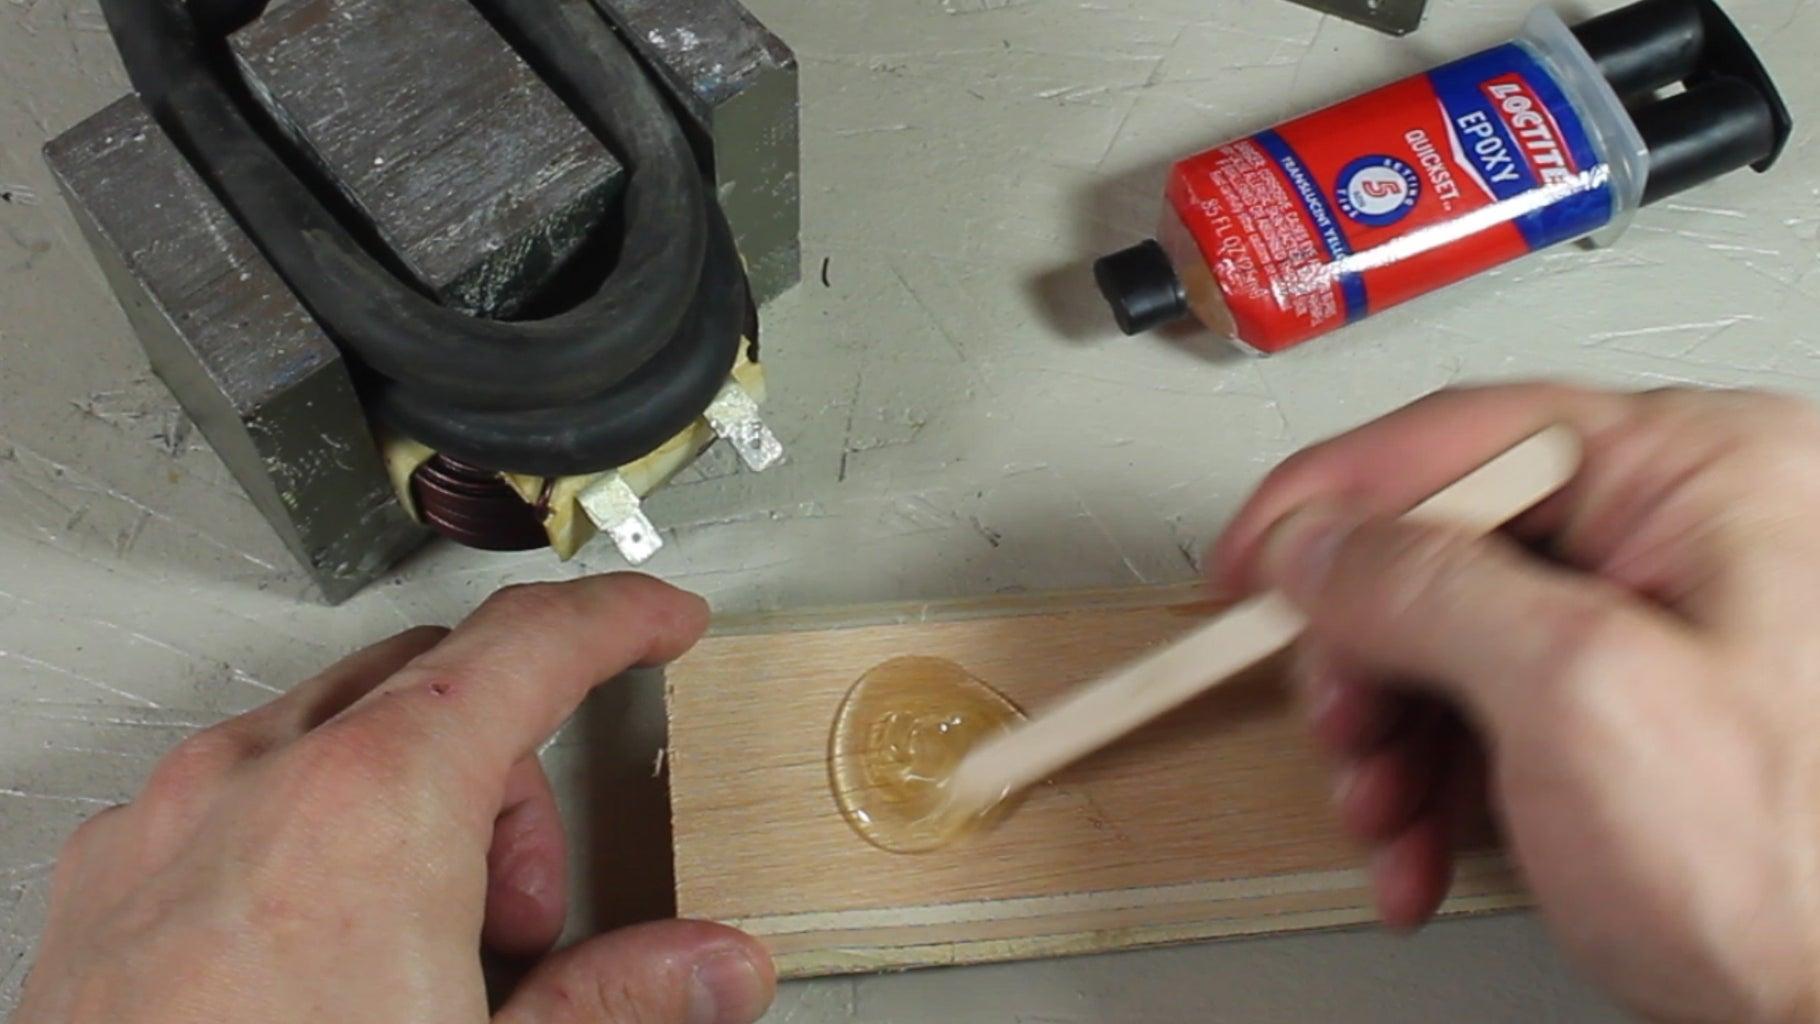 Glue It Back Together